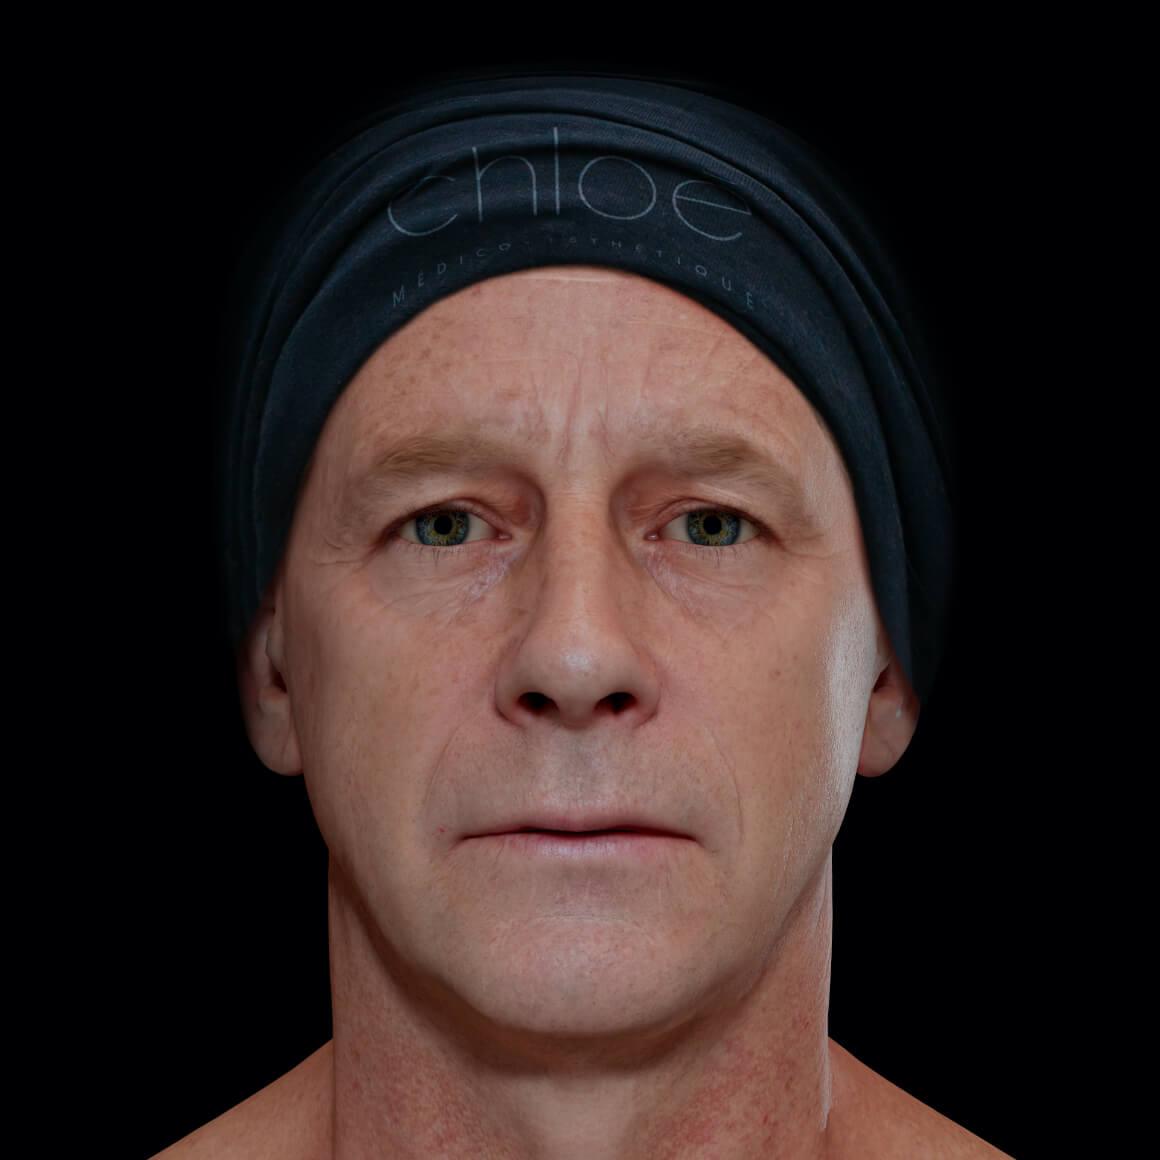 Patient de la Clinique Chloé positionné de face après des traitements de plasma riche en plaquettes, ou PRP, pour les rides